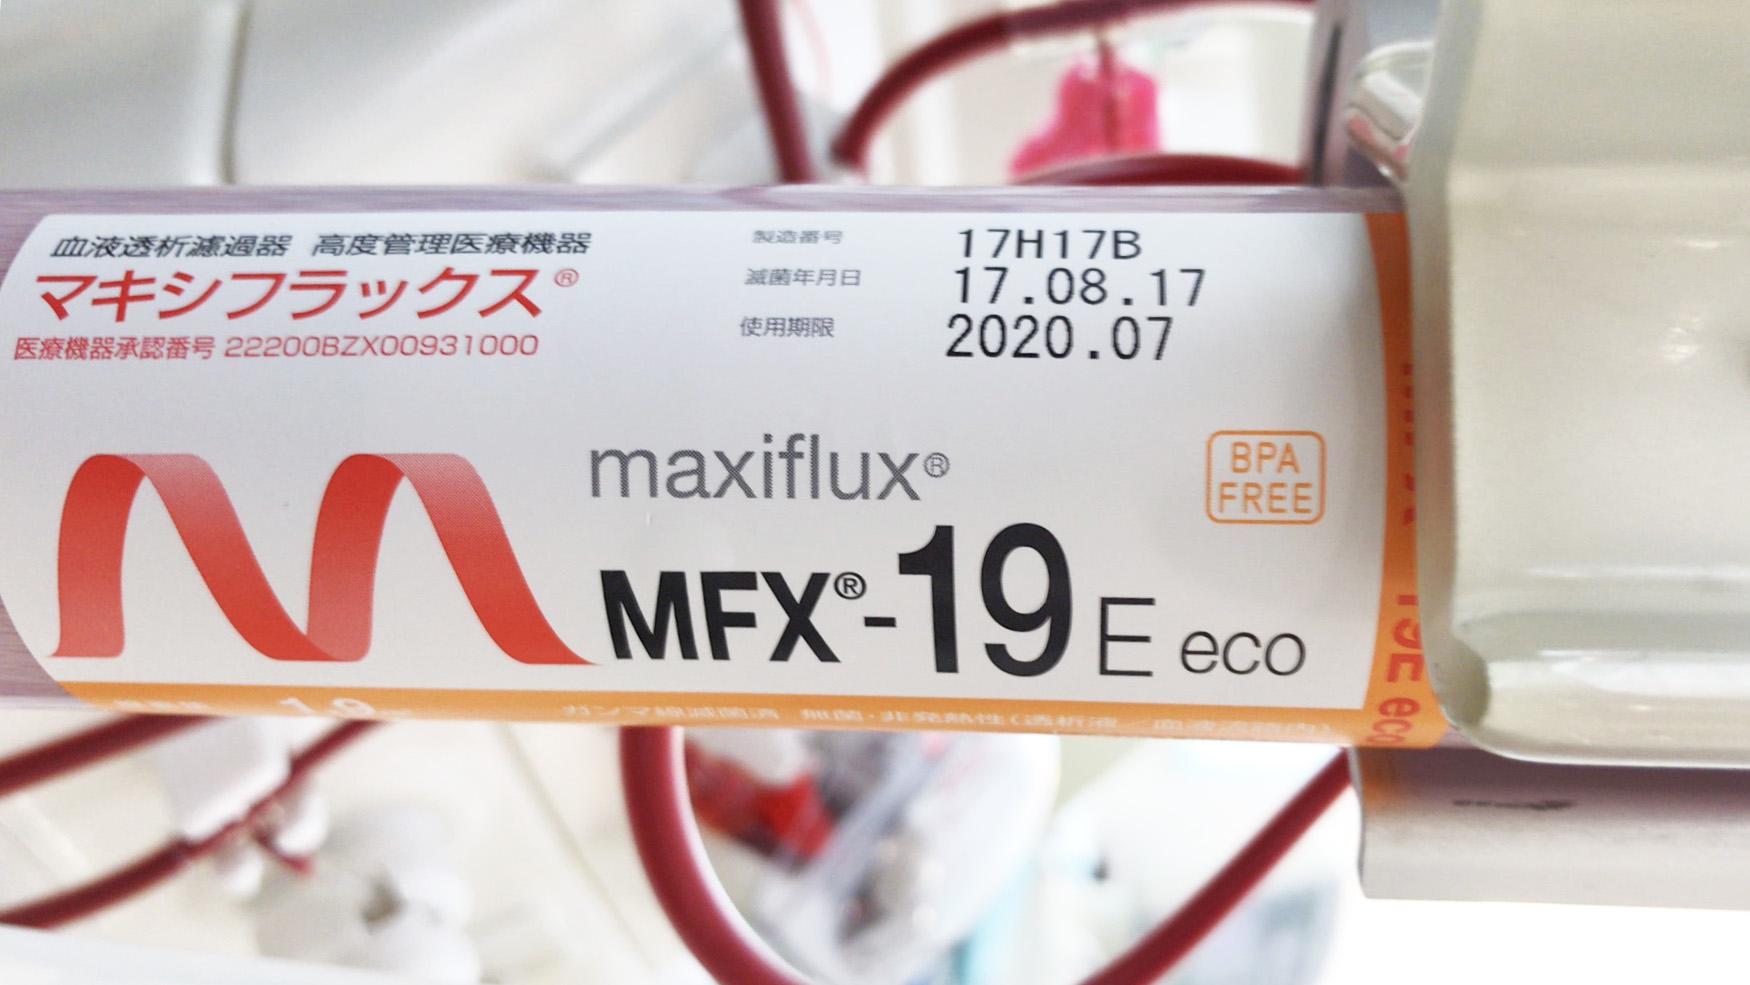 人工透析のヘモダイアフィルタの種類 MFX-19E eco